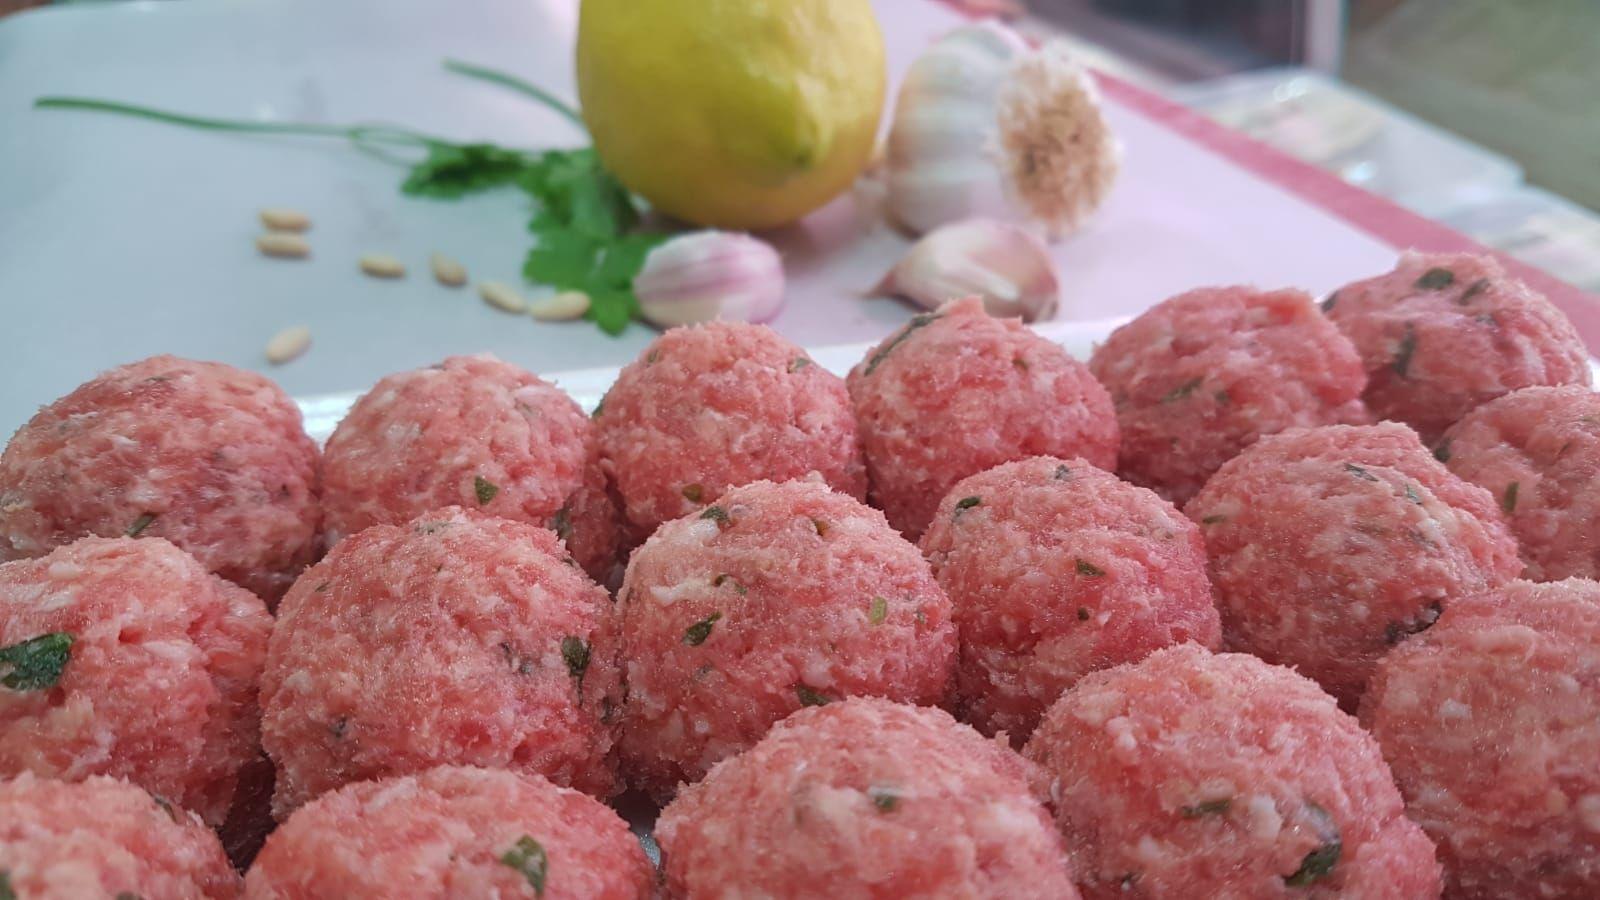 Precocinados y empanados hechos artesanalmente Alicante